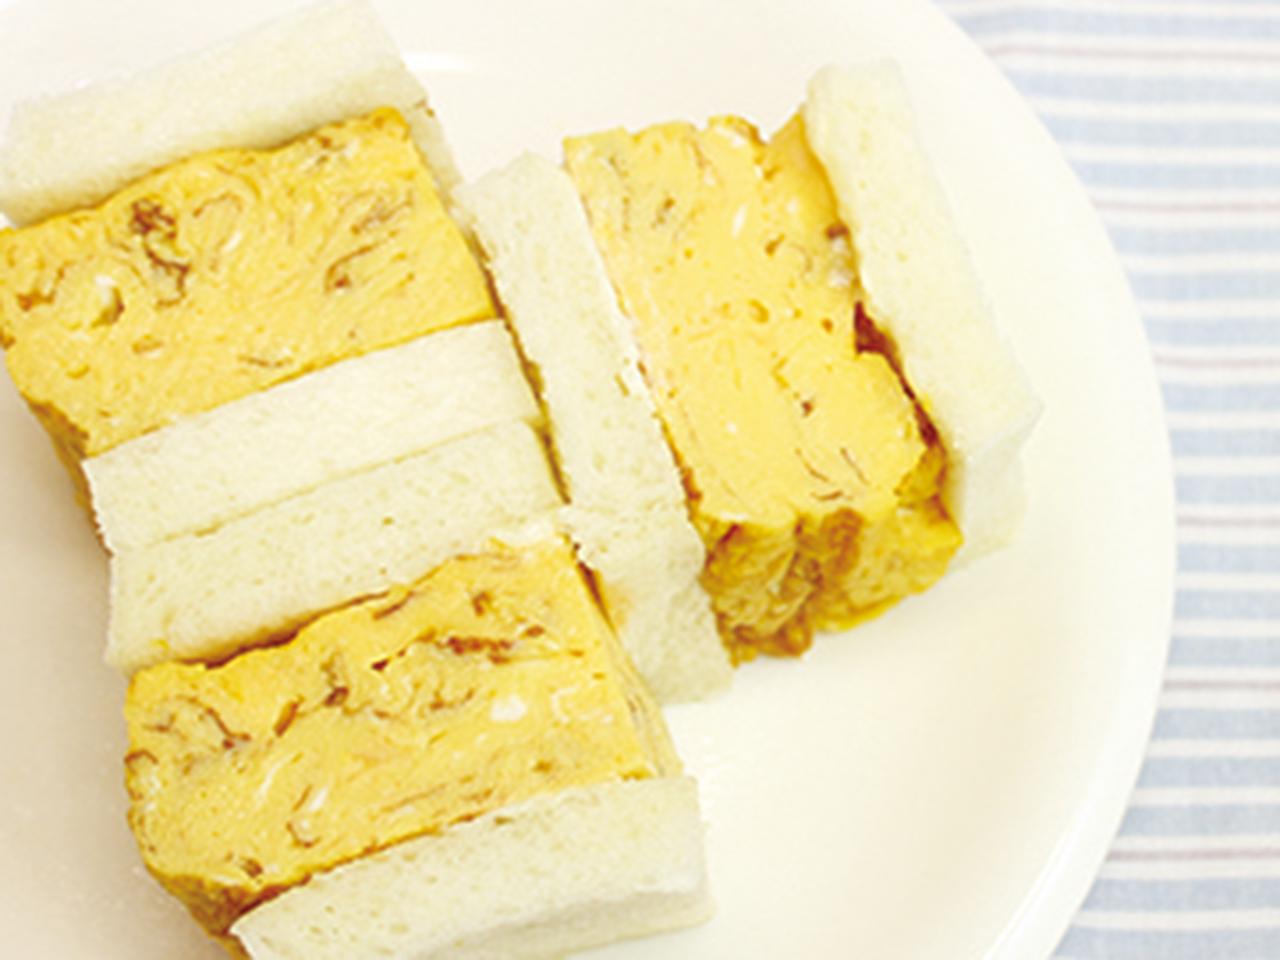 パンって幸せ♡パンの香りと春風にさそわれて 期間限定の春パンめぐり